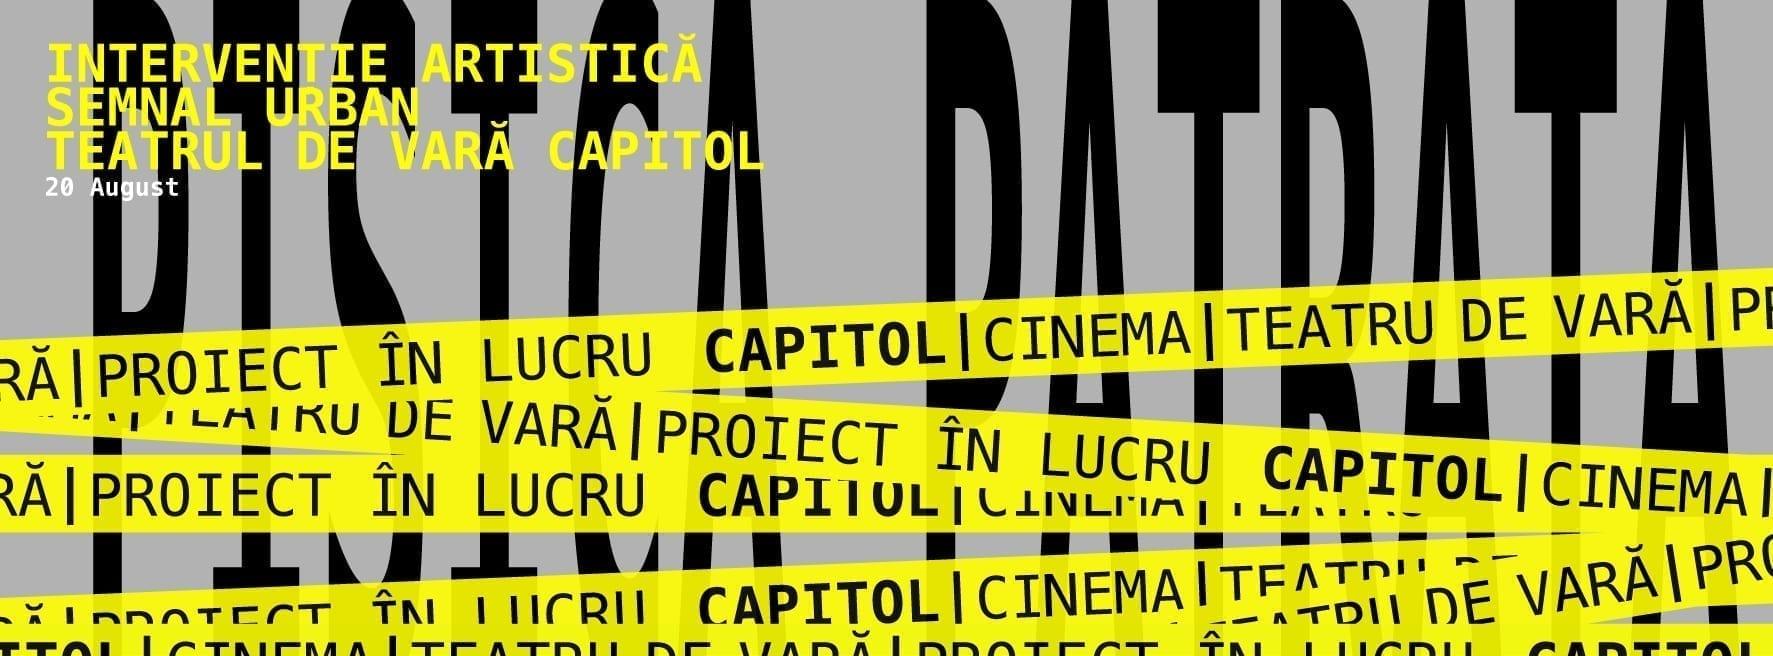 PISICA PĂTRATĂ - INTERVENȚIE ARTISTICĂ / SEMNAL URBAN Teatrul de vară CAPITOL